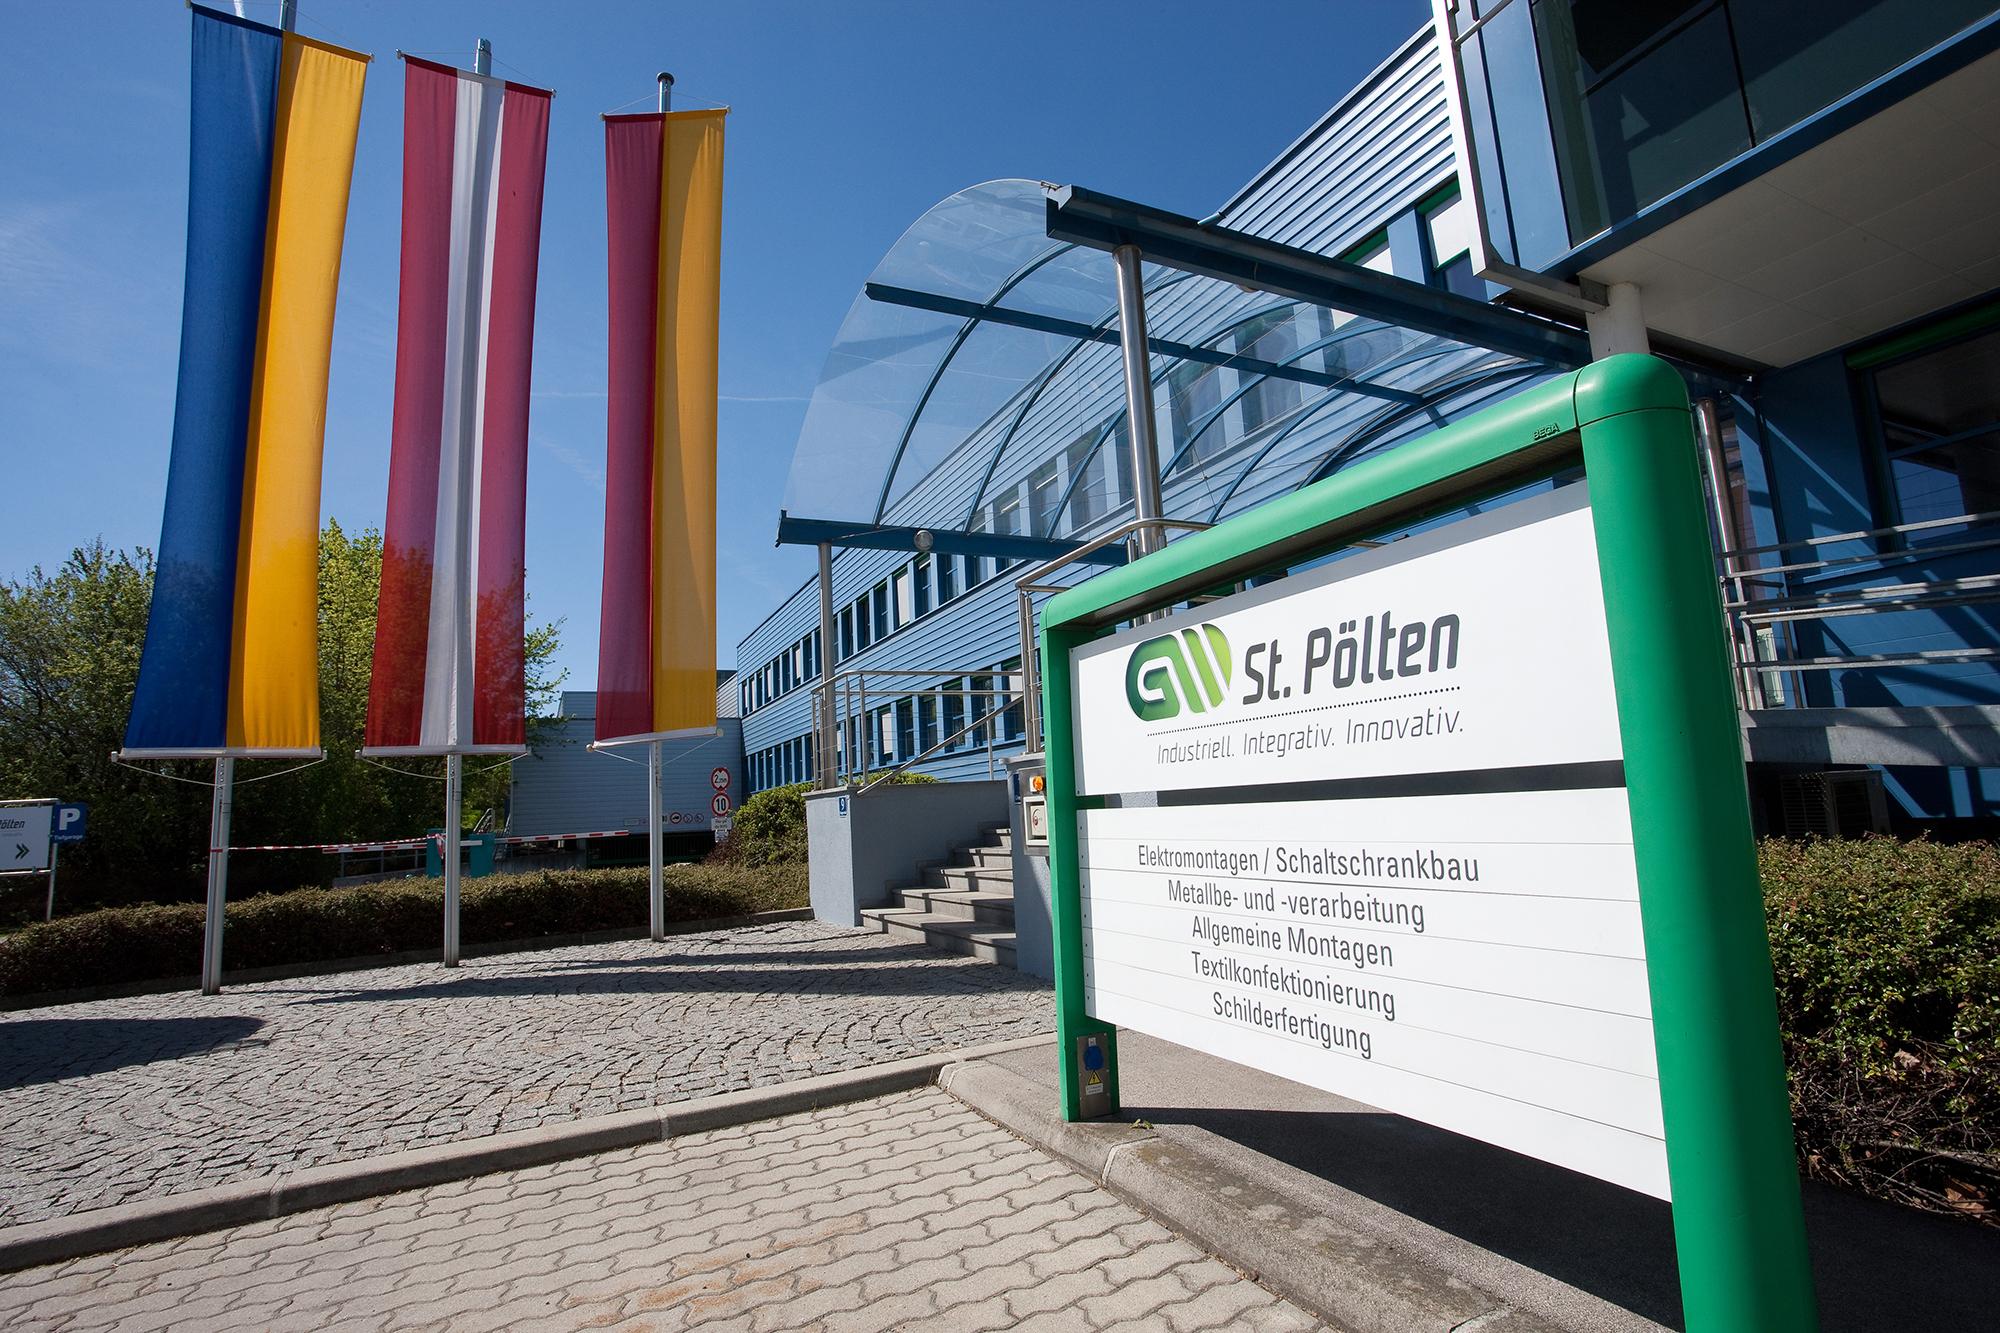 Haupteingang der GW St. Pölten